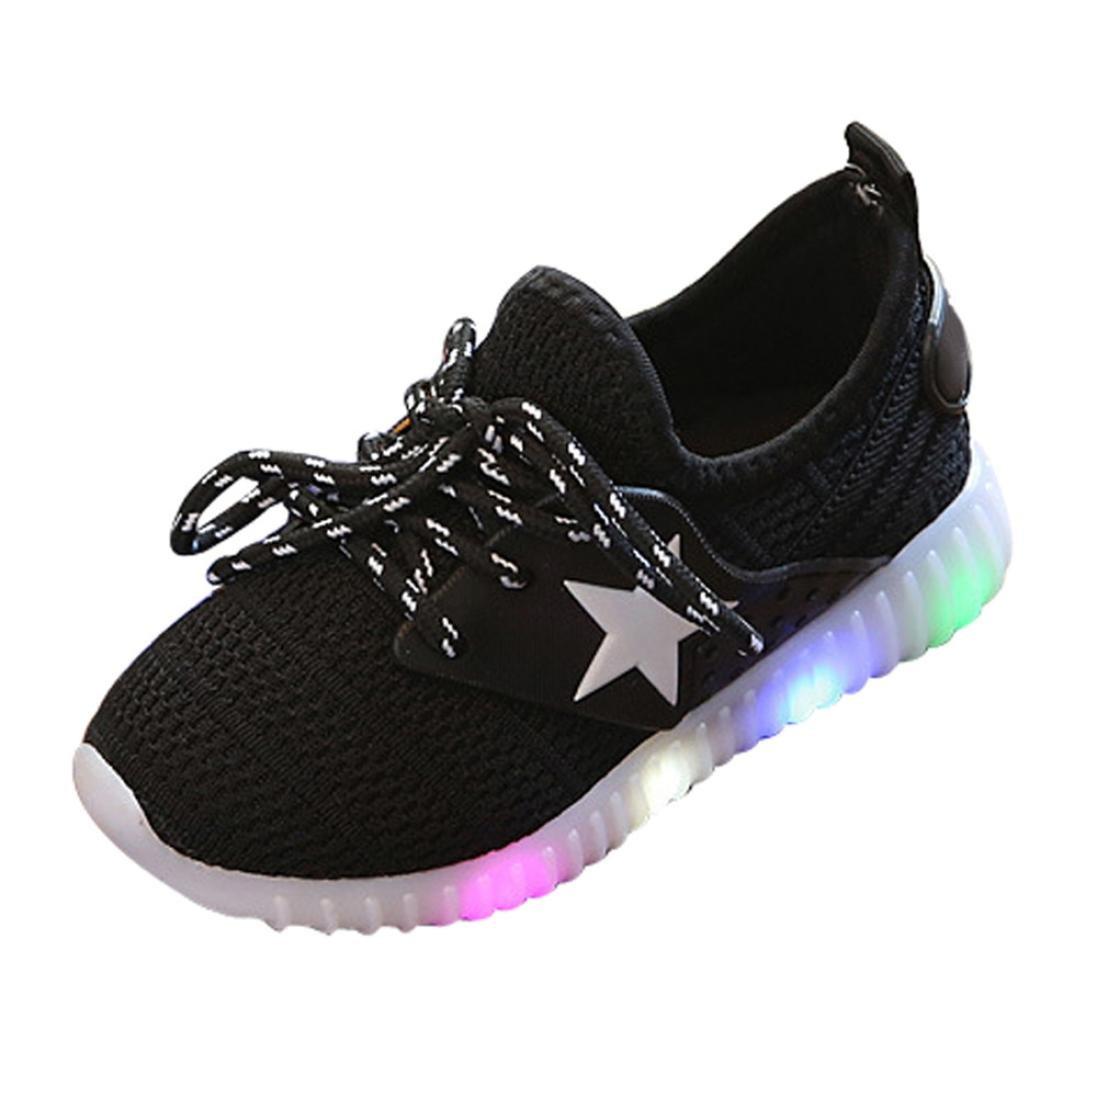 Zapatillas Niñ o Niñ a, JiaMeng Zapatillas Star Luminous Zapatos Ligeros Coloridos Casuales para niñ os JiaMeng Zapatillas Star Luminous Zapatos Ligeros Coloridos Casuales para niños